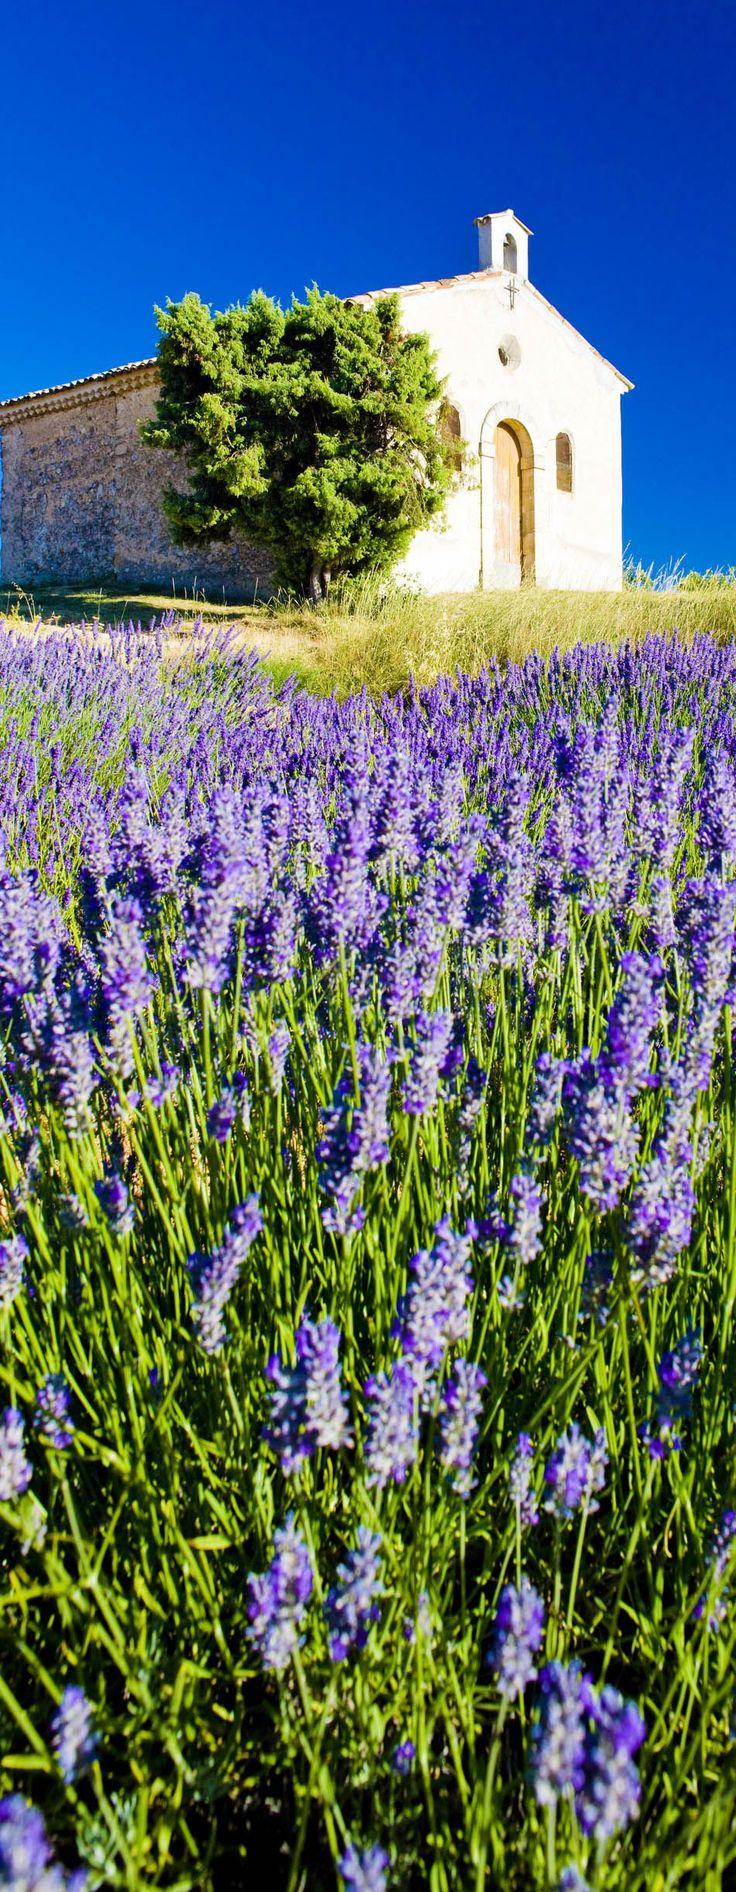 A chpel un a lavender field